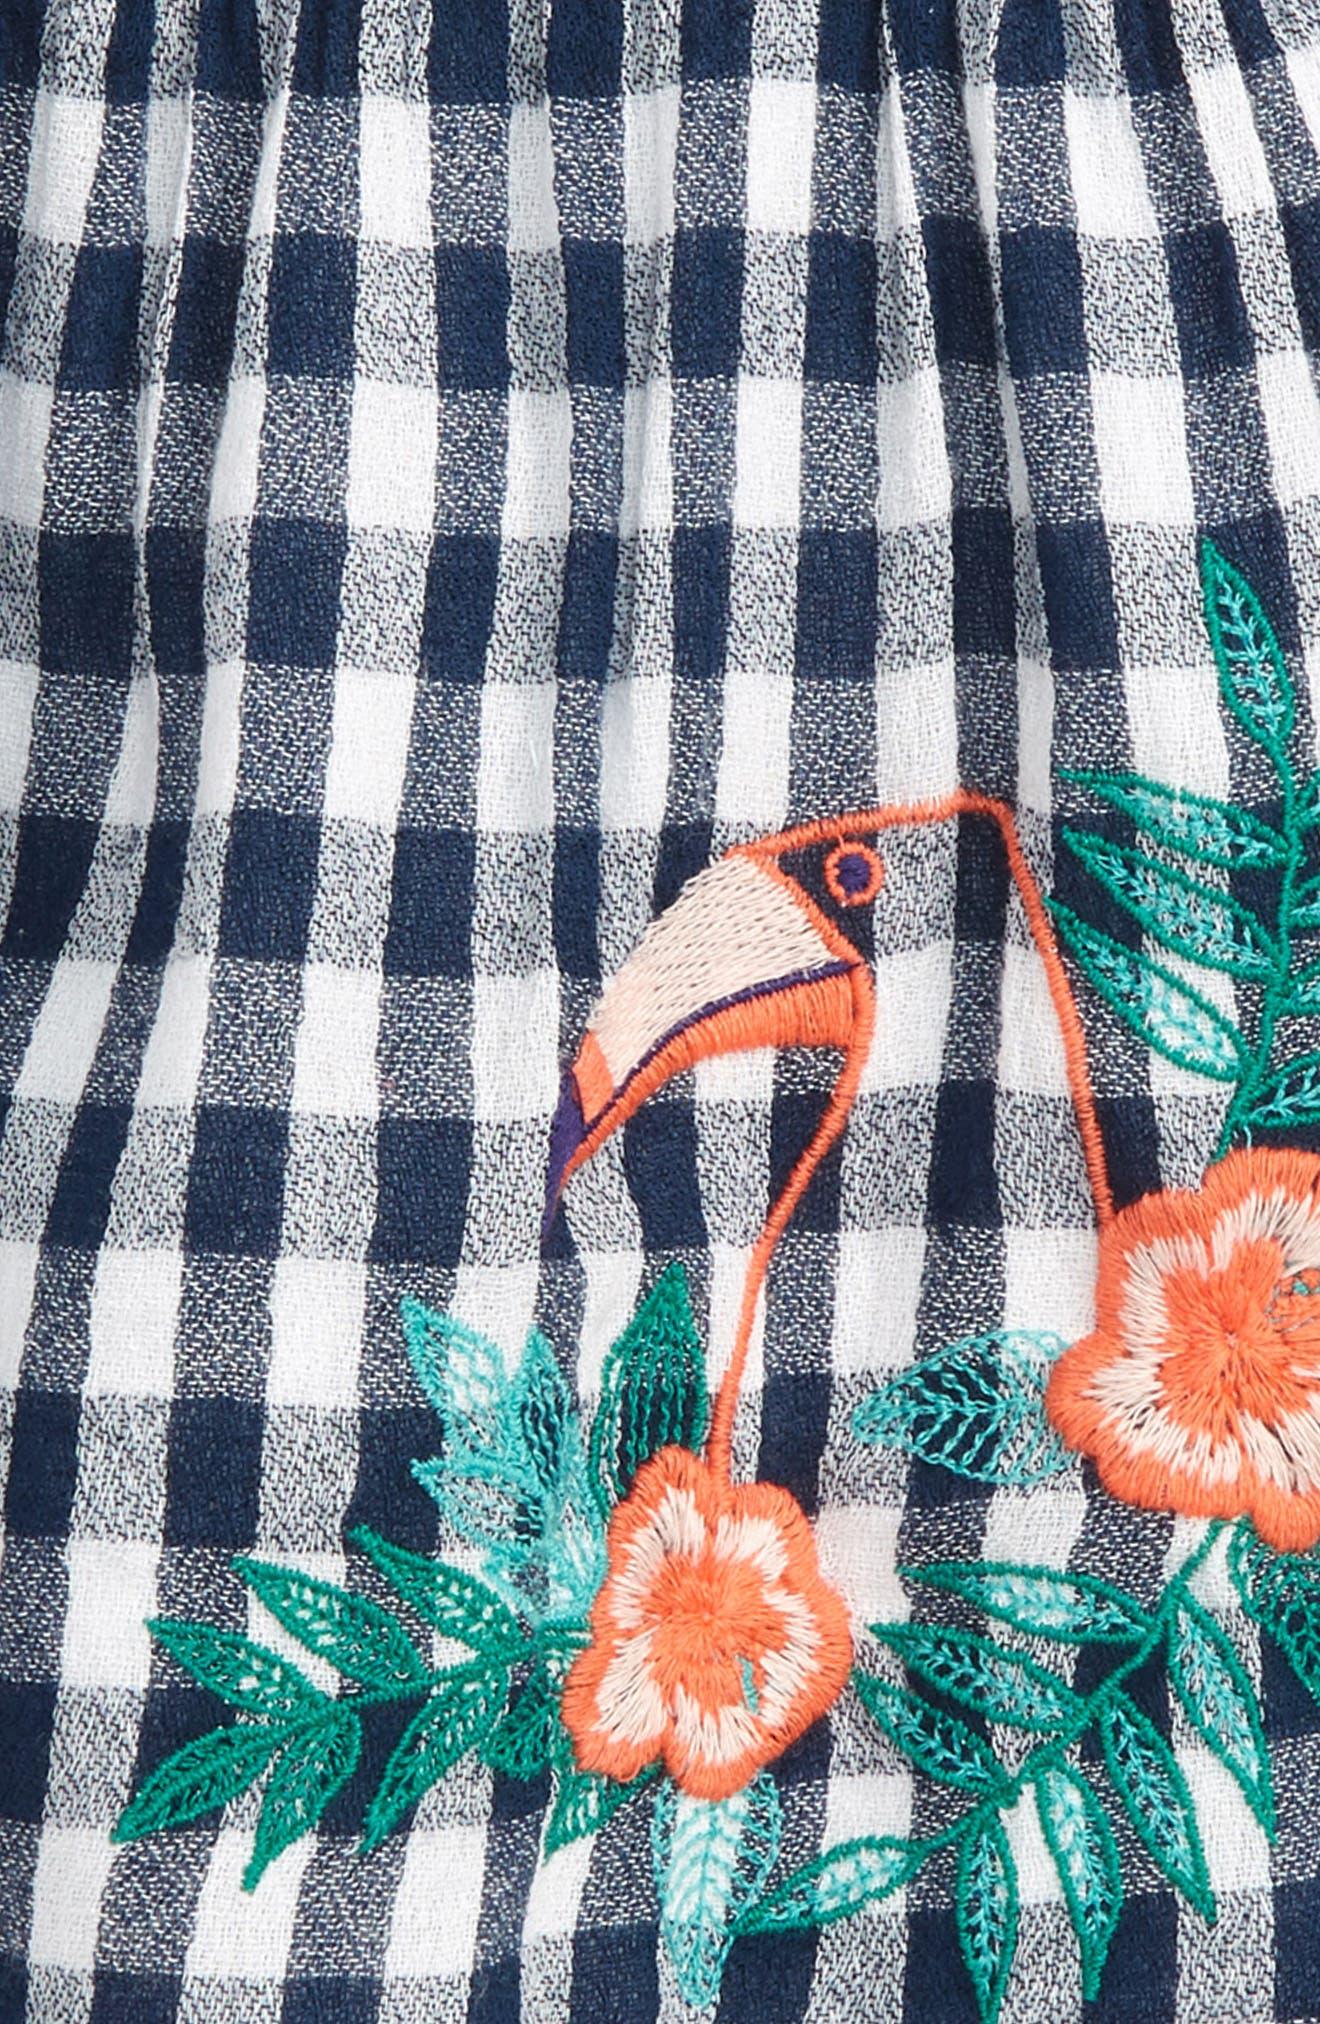 Smocked Gingham Dress,                             Alternate thumbnail 2, color,                             410